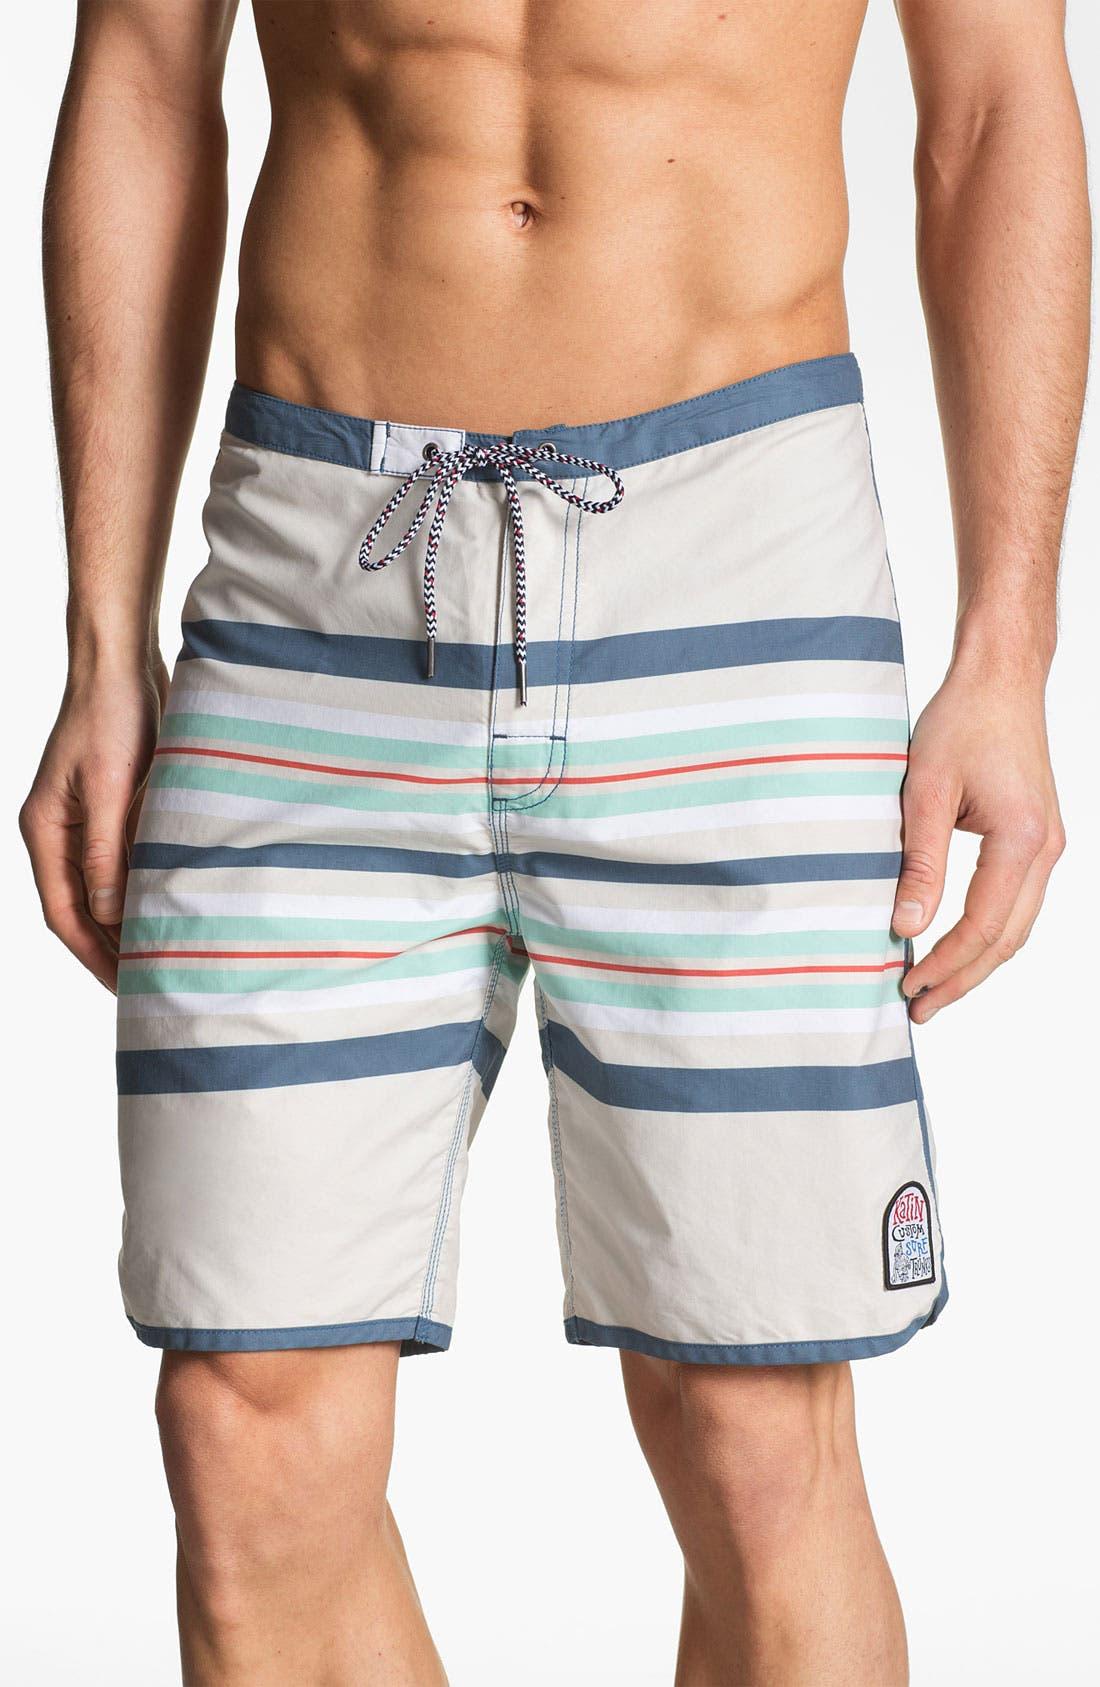 Main Image - Katin 'South Pacific' Stripe Print Board Shorts